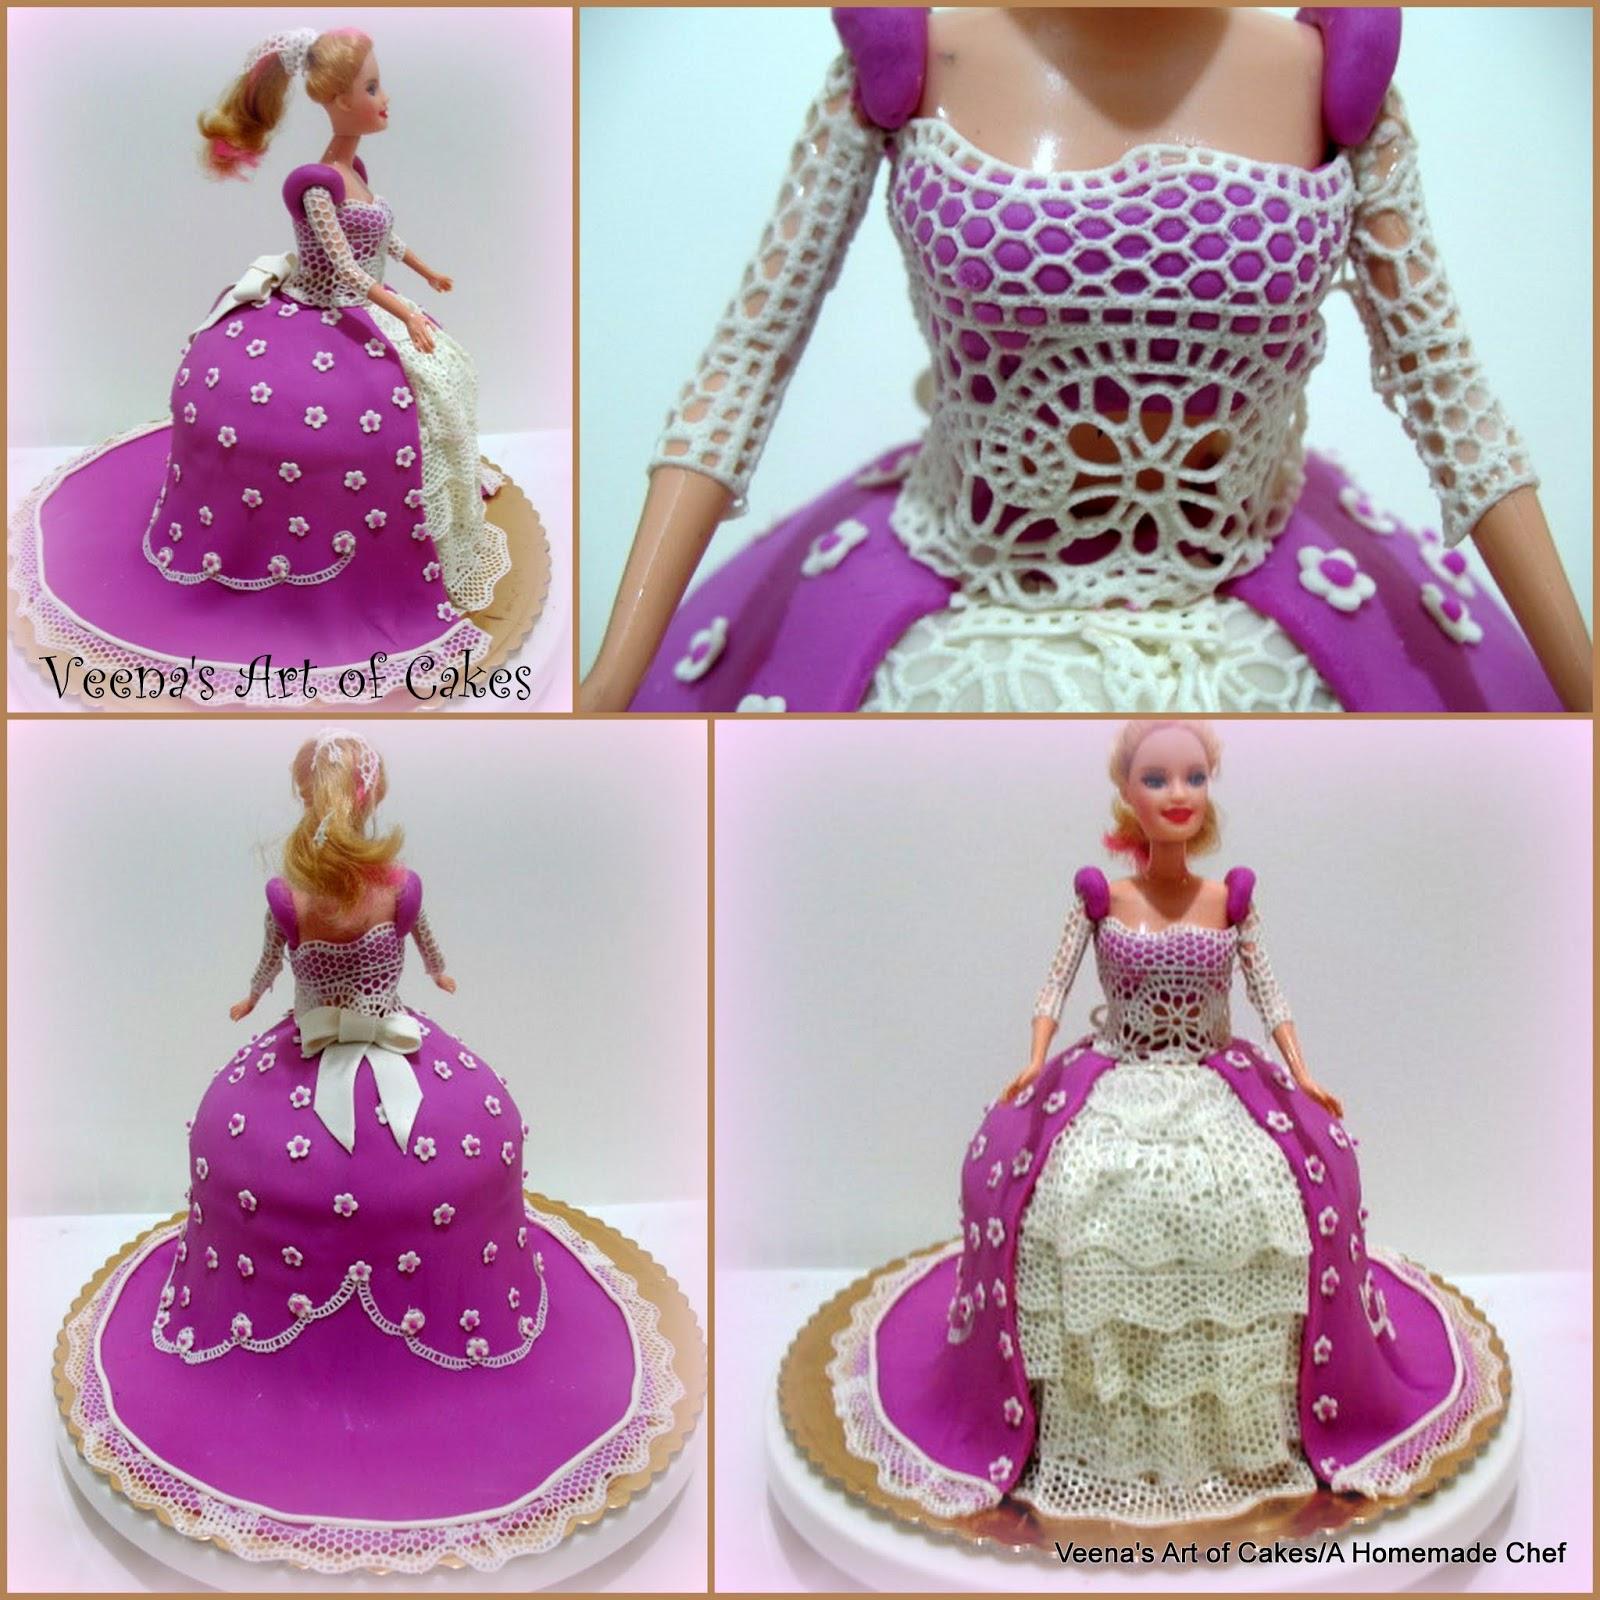 How to make a Princess Cake 2 with Sugar Veil